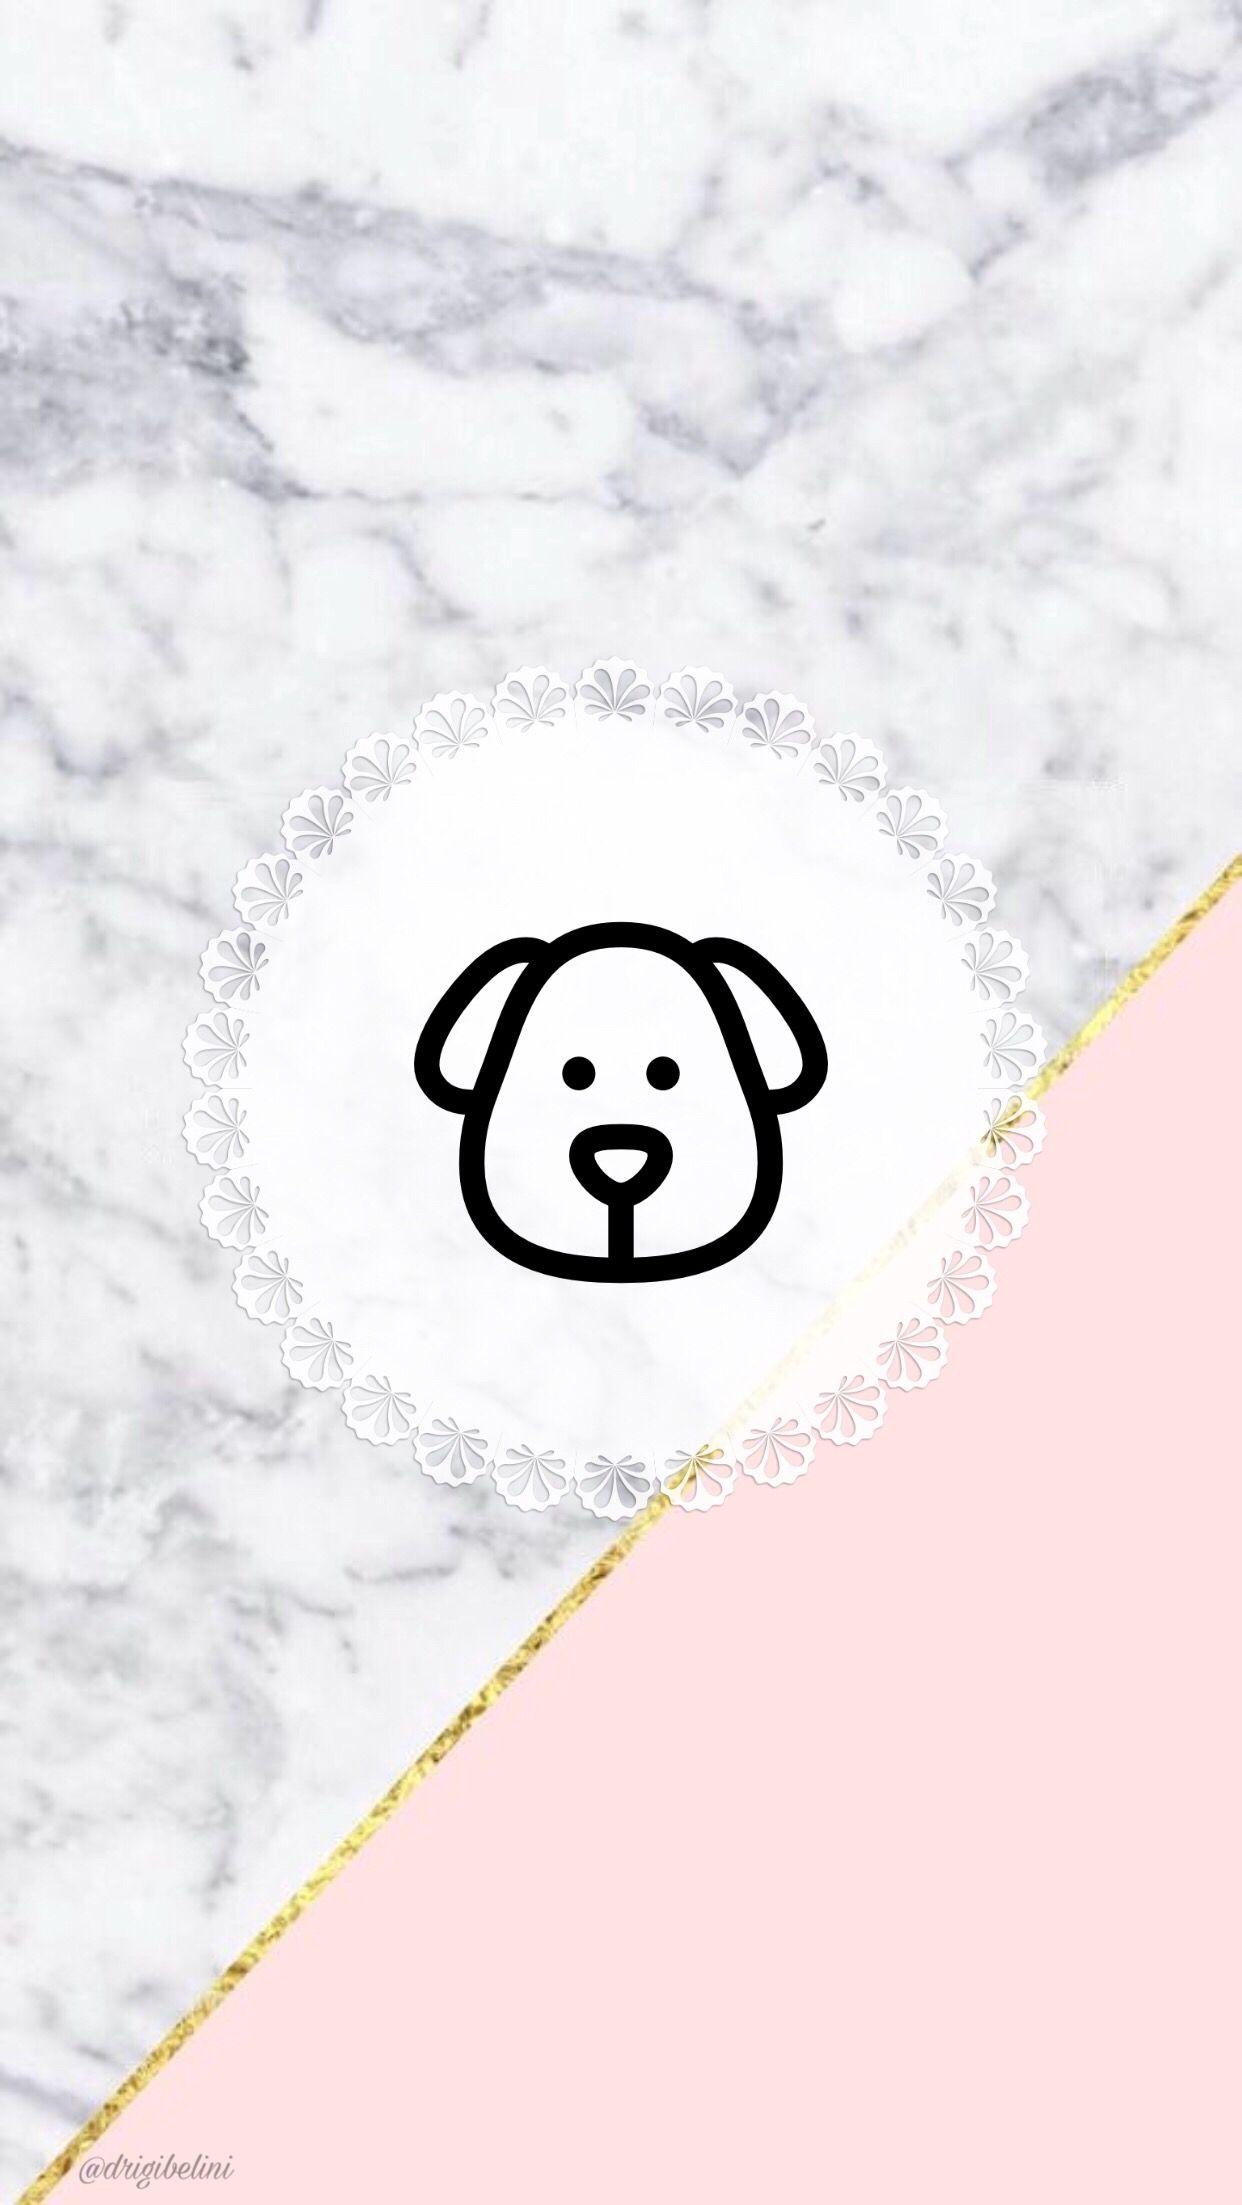 Oblozhki Dlya Storis Besplatnye Ikonki Instagram Milye Oboi